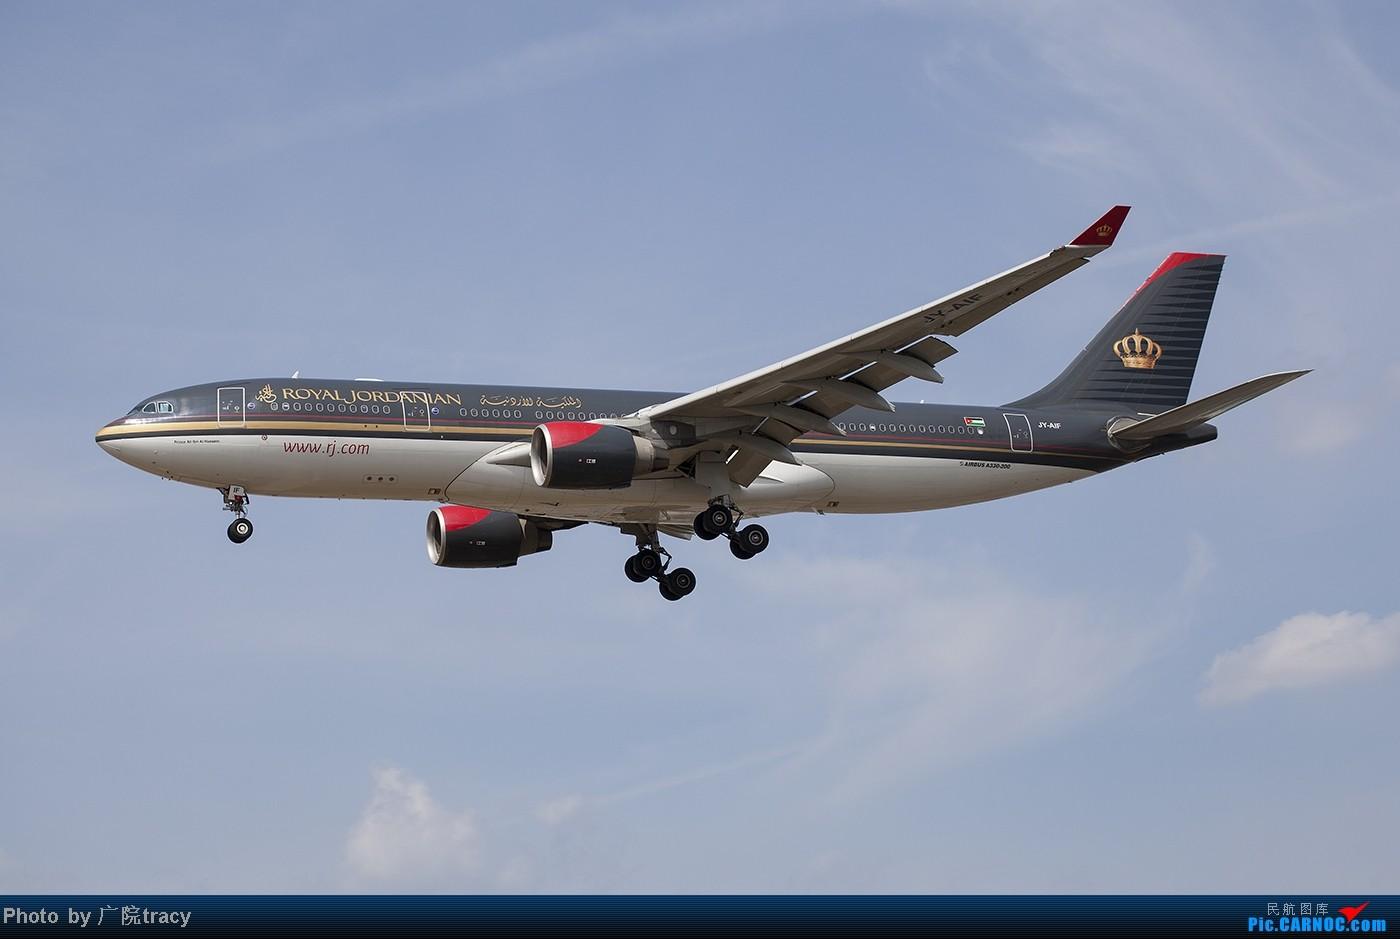 Re:[原创]★ ★ ★ ★ ★中东的航空公司在伦敦希斯罗国际机场  ★ ★ ★ ★ ★ AIRBUS A330-200 JY-AIF 英国伦敦希思罗机场